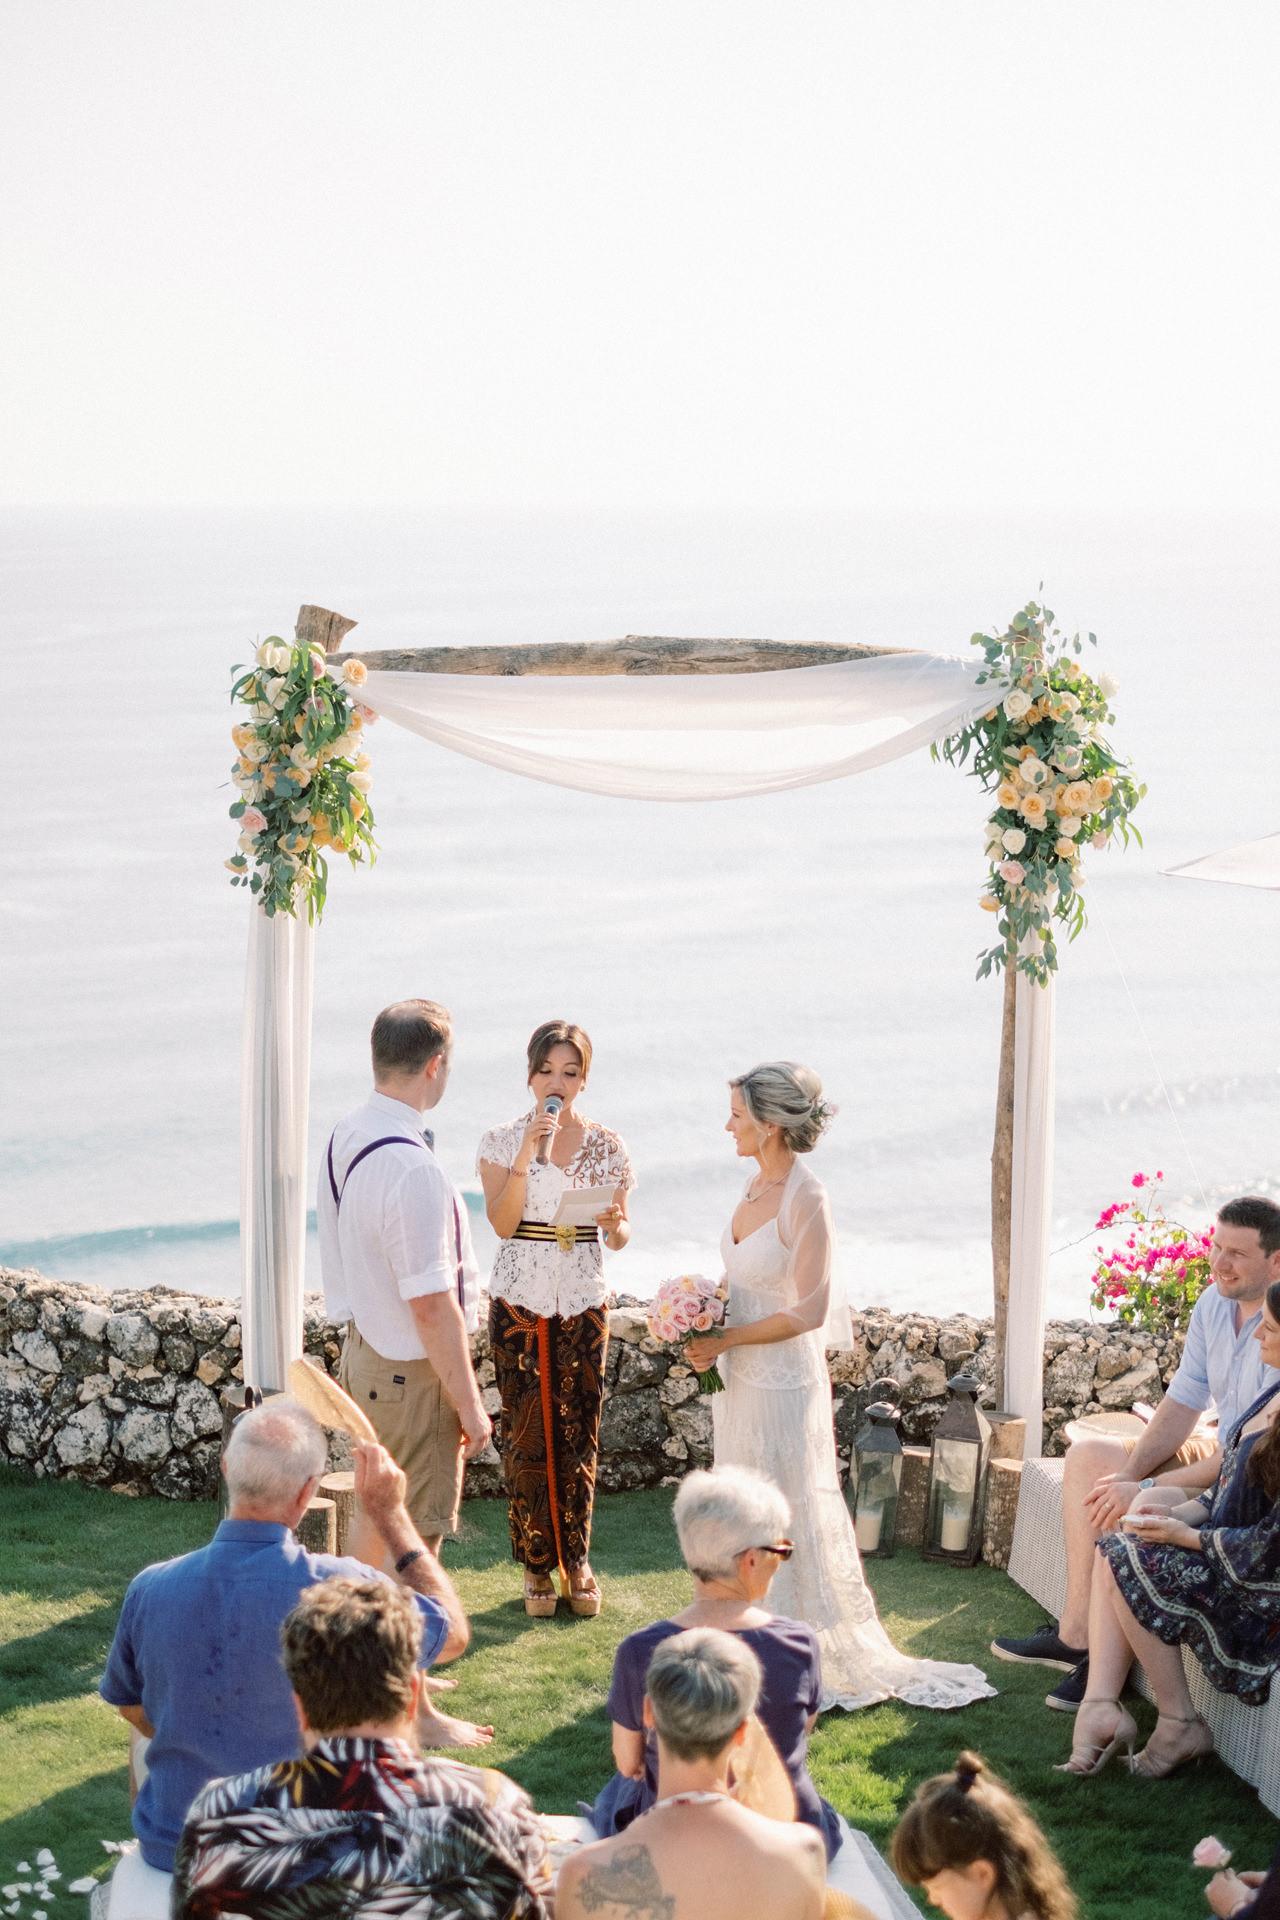 Sol y Mar - Bali Cliff-top Wedding 23